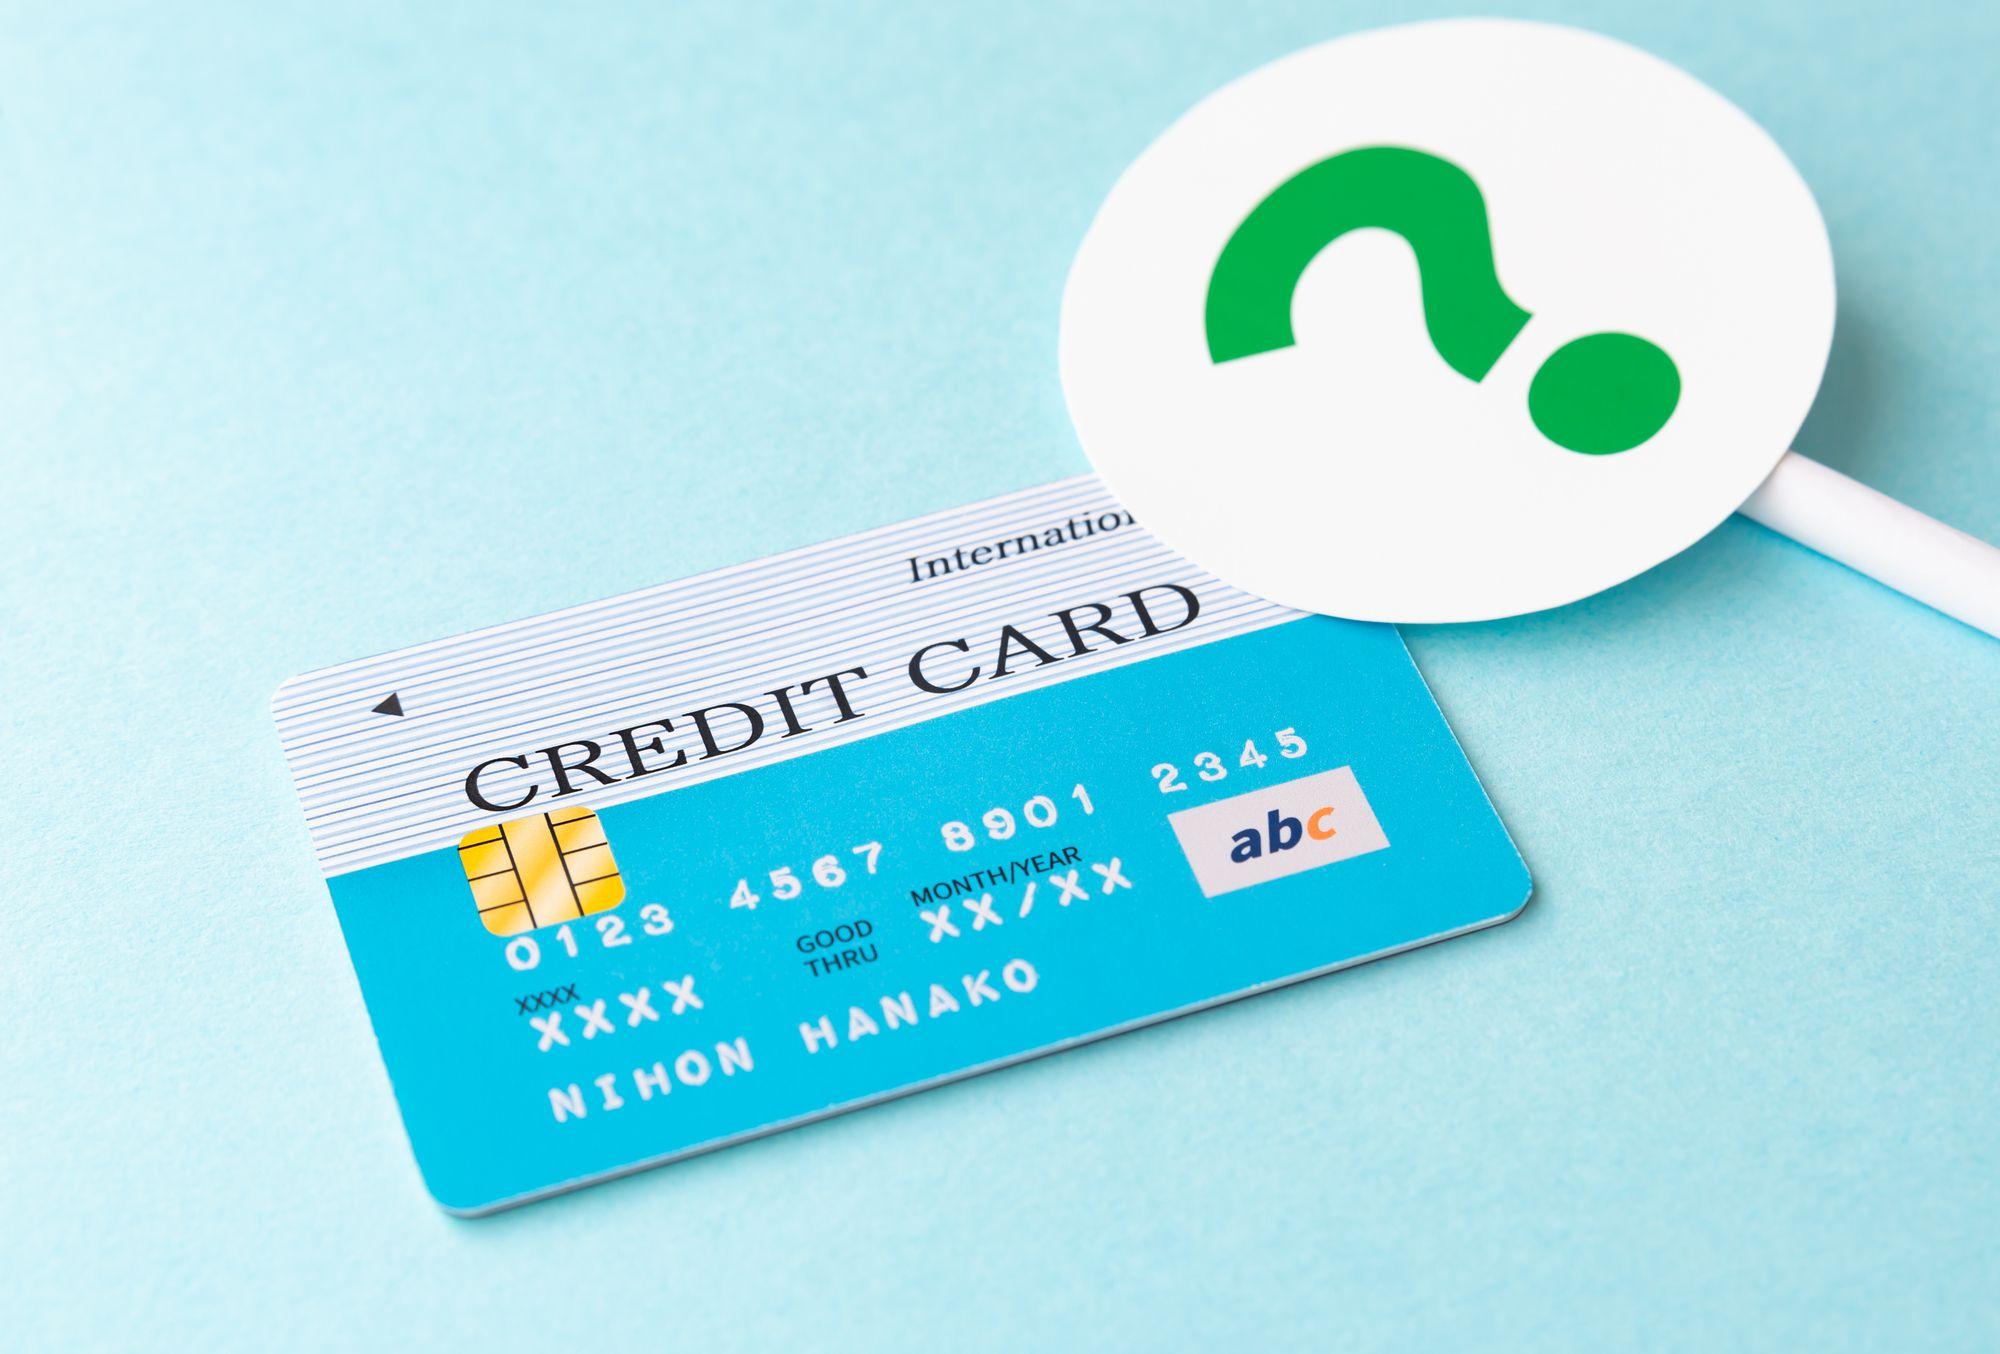 電力自由化はクレジットカードがあれば早く切り替えができる?